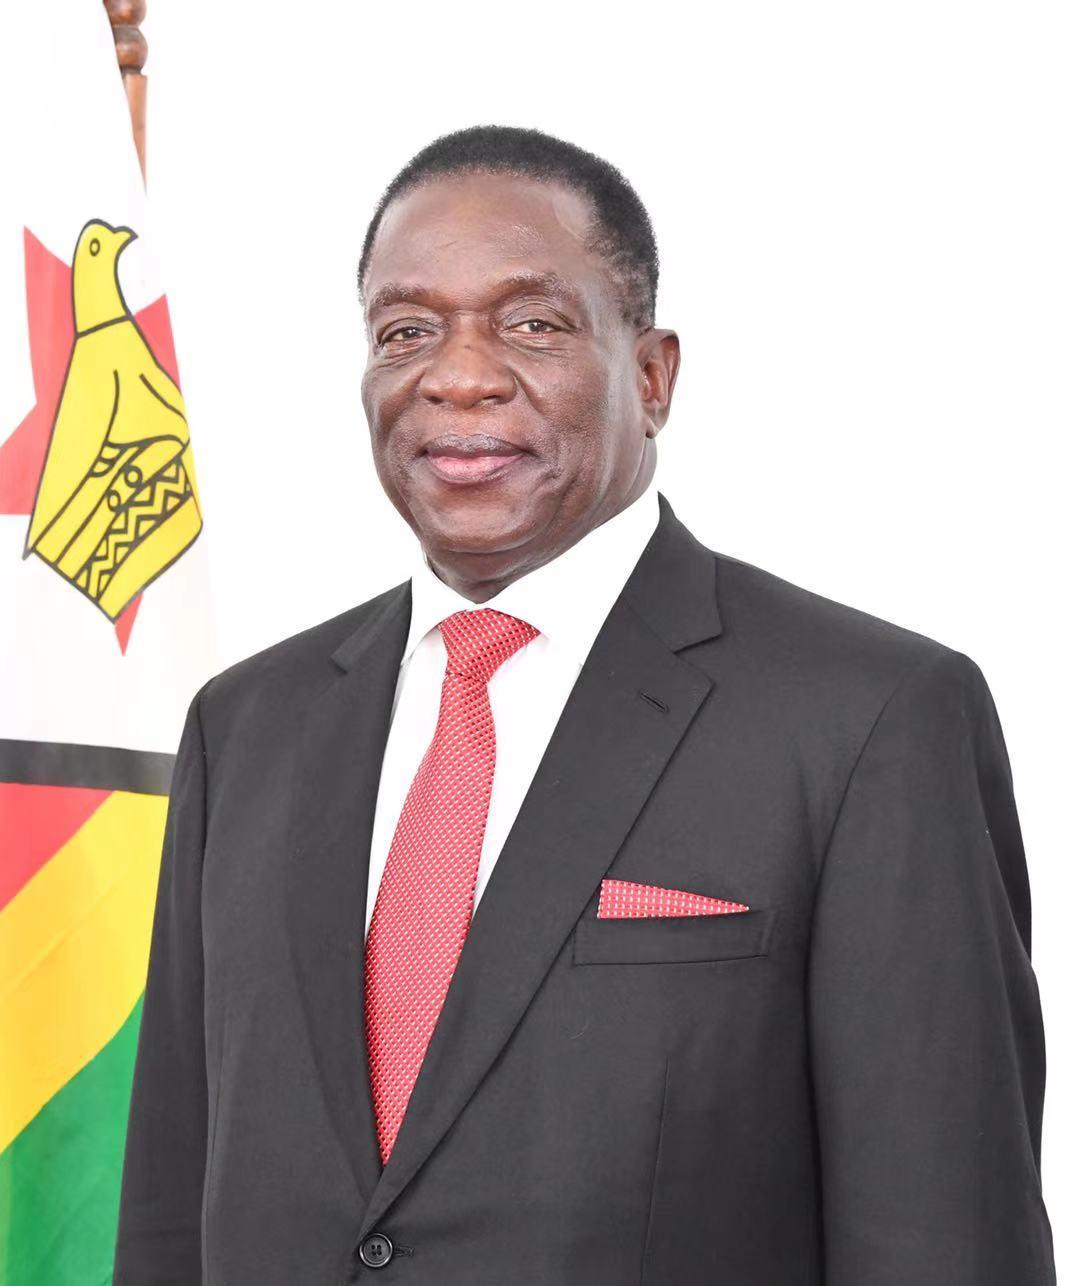 津巴布韦总统:中国生产的新冠疫